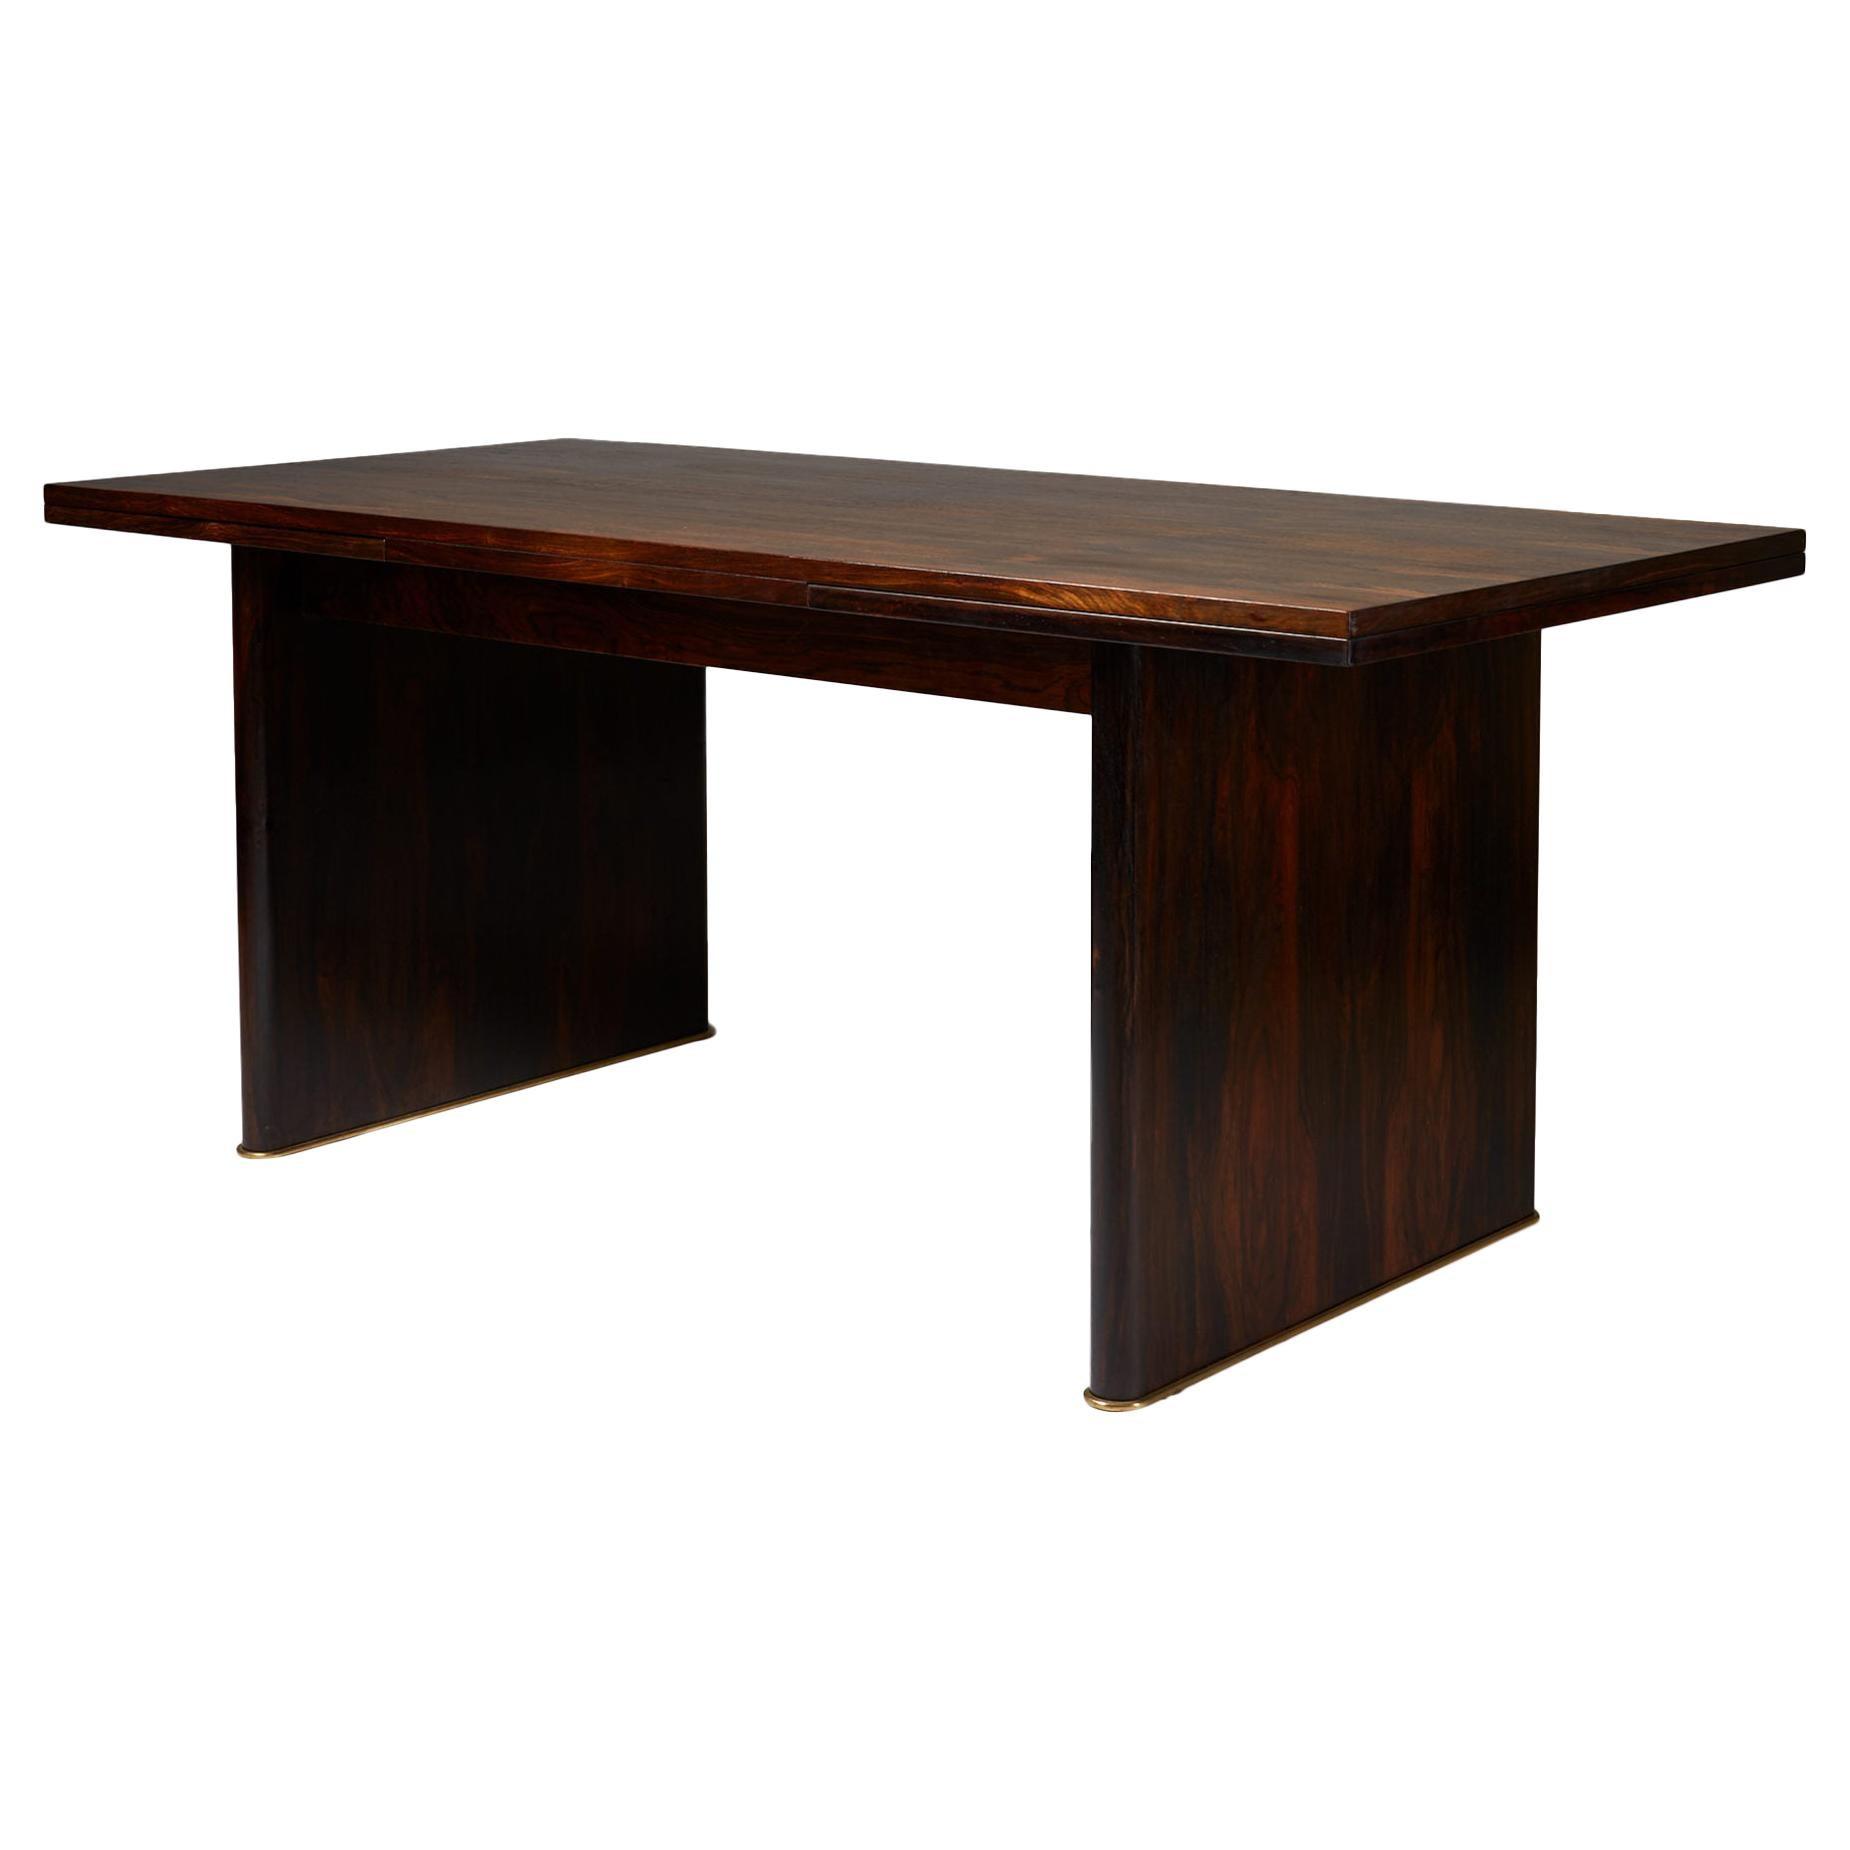 Dining Table Designed by Ernst Kühn for Lysberg, Hansen & Therp, Denmark, 1930s